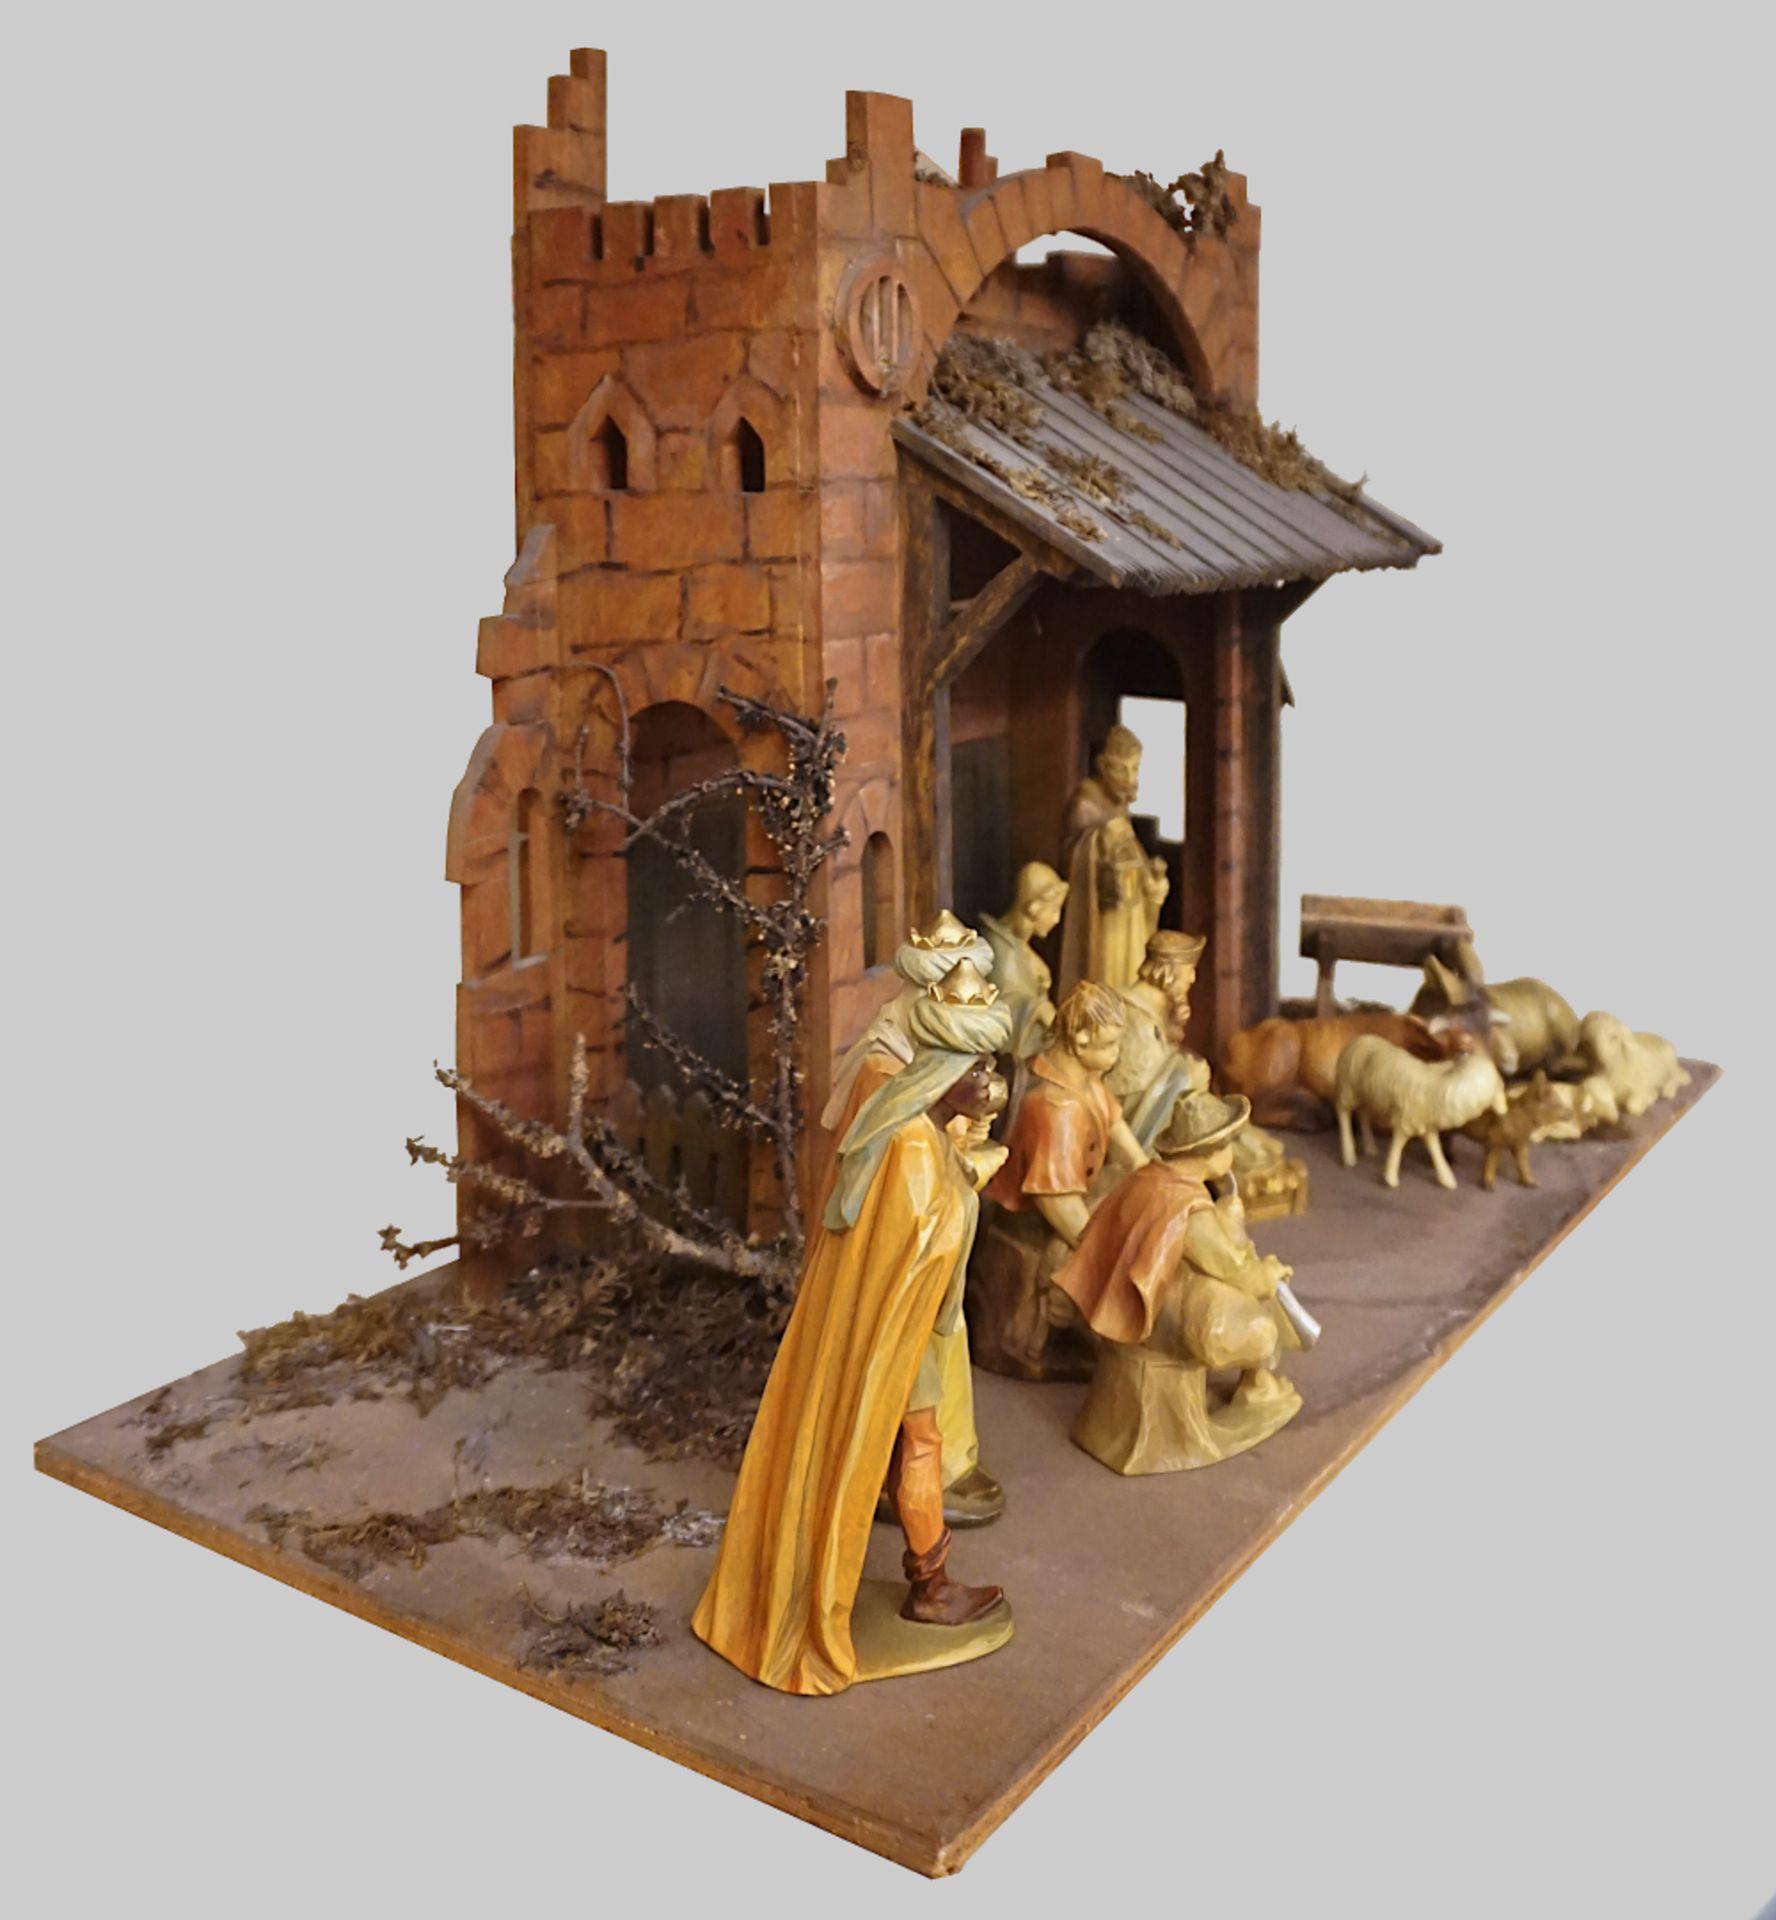 1 Krippe mit Figuren Holz, 20. Jh. z.T. gemarkt UNITAS farbig gefasst, Krippe H ca. 4 - Bild 2 aus 6